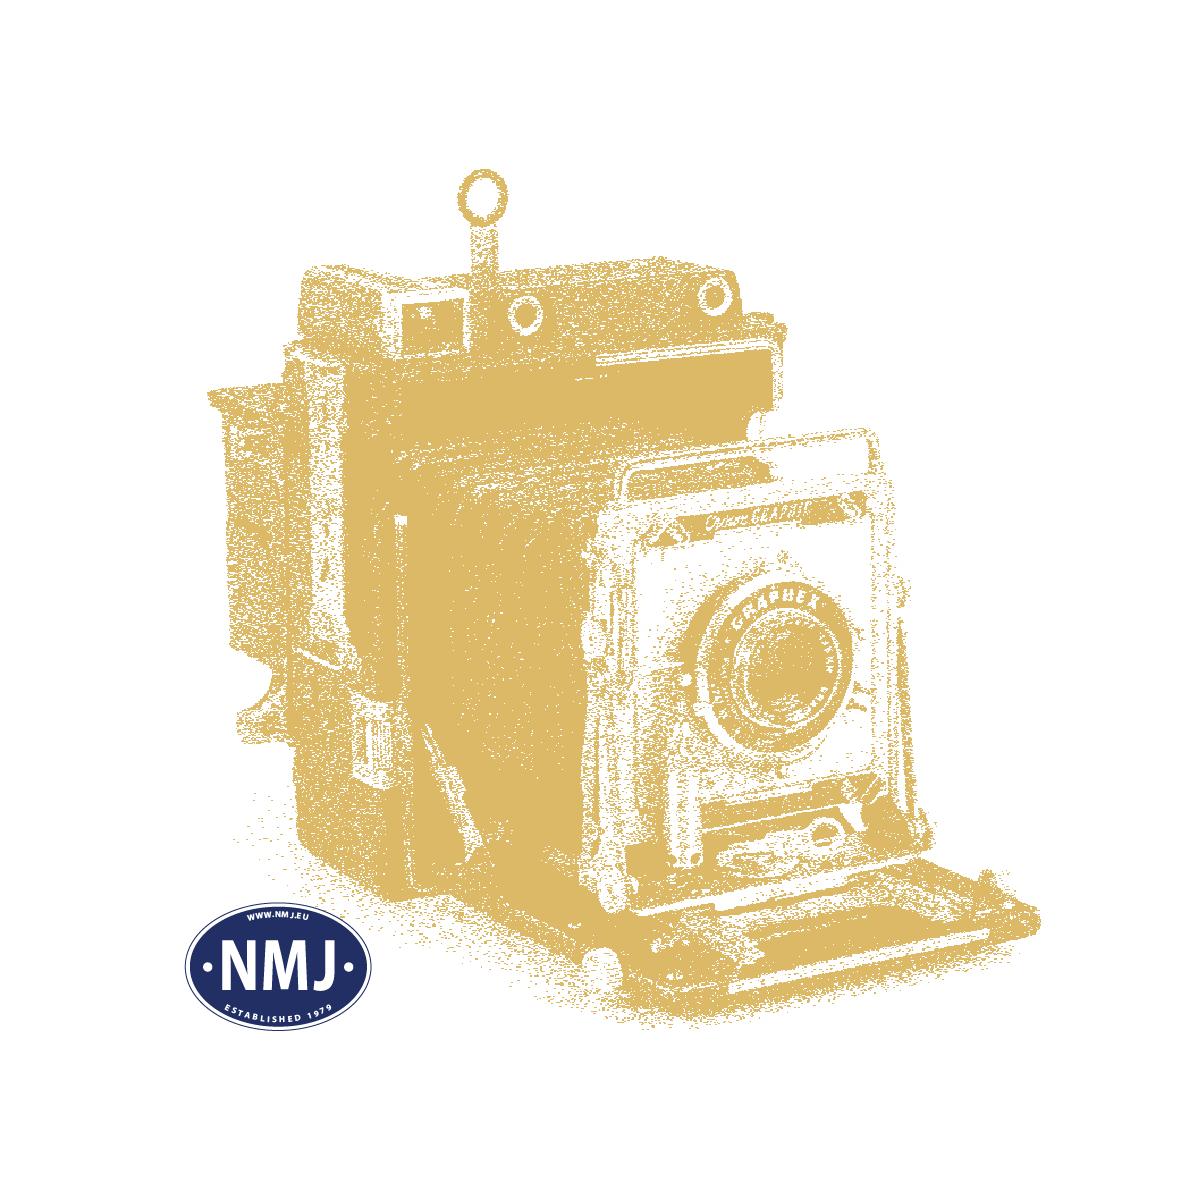 NMJT507.113 - NMJ Topline CargoNet Lgns 42 76 443 2018-7, Bring